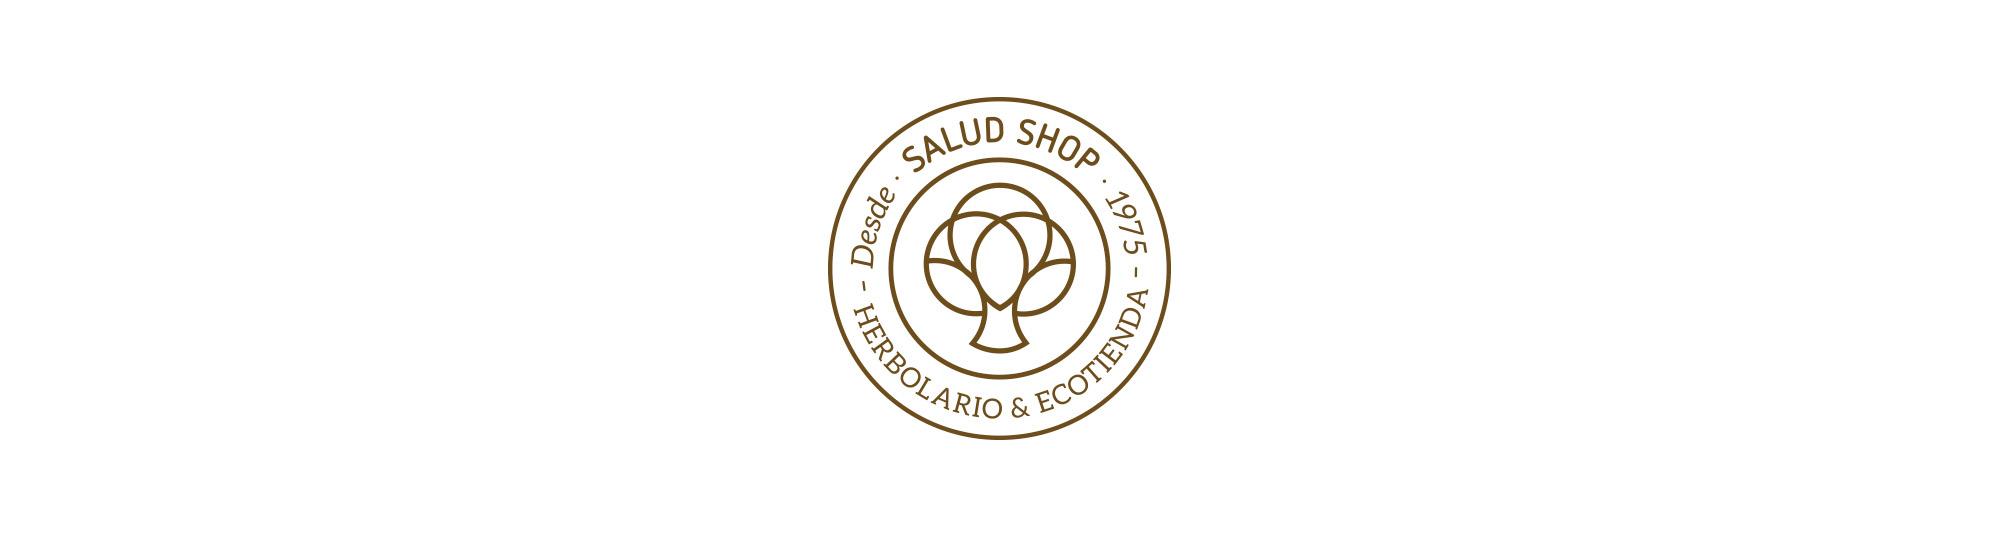 Diseño del escudo del herbolario Salud Shop